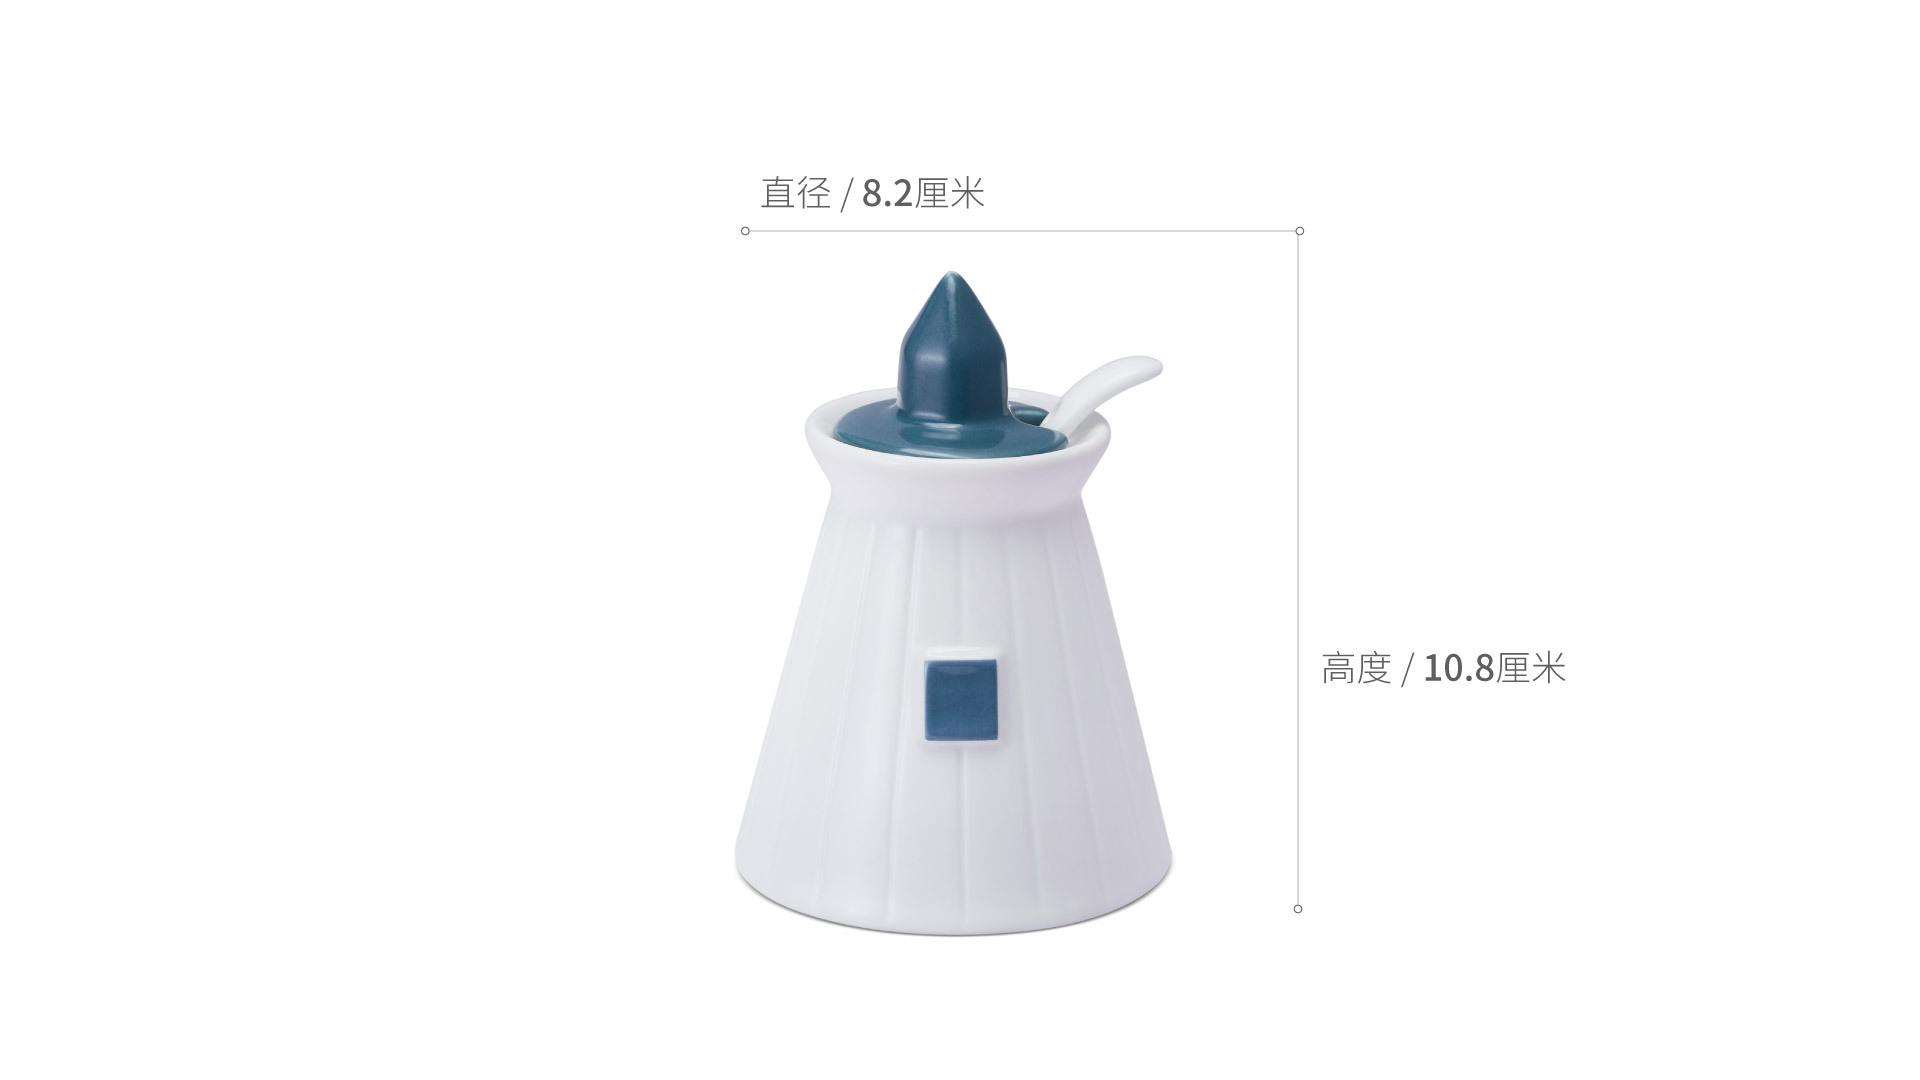 灯塔调料罐3件套调料罐套装(蓝/灰/粉/各1个)餐具效果图